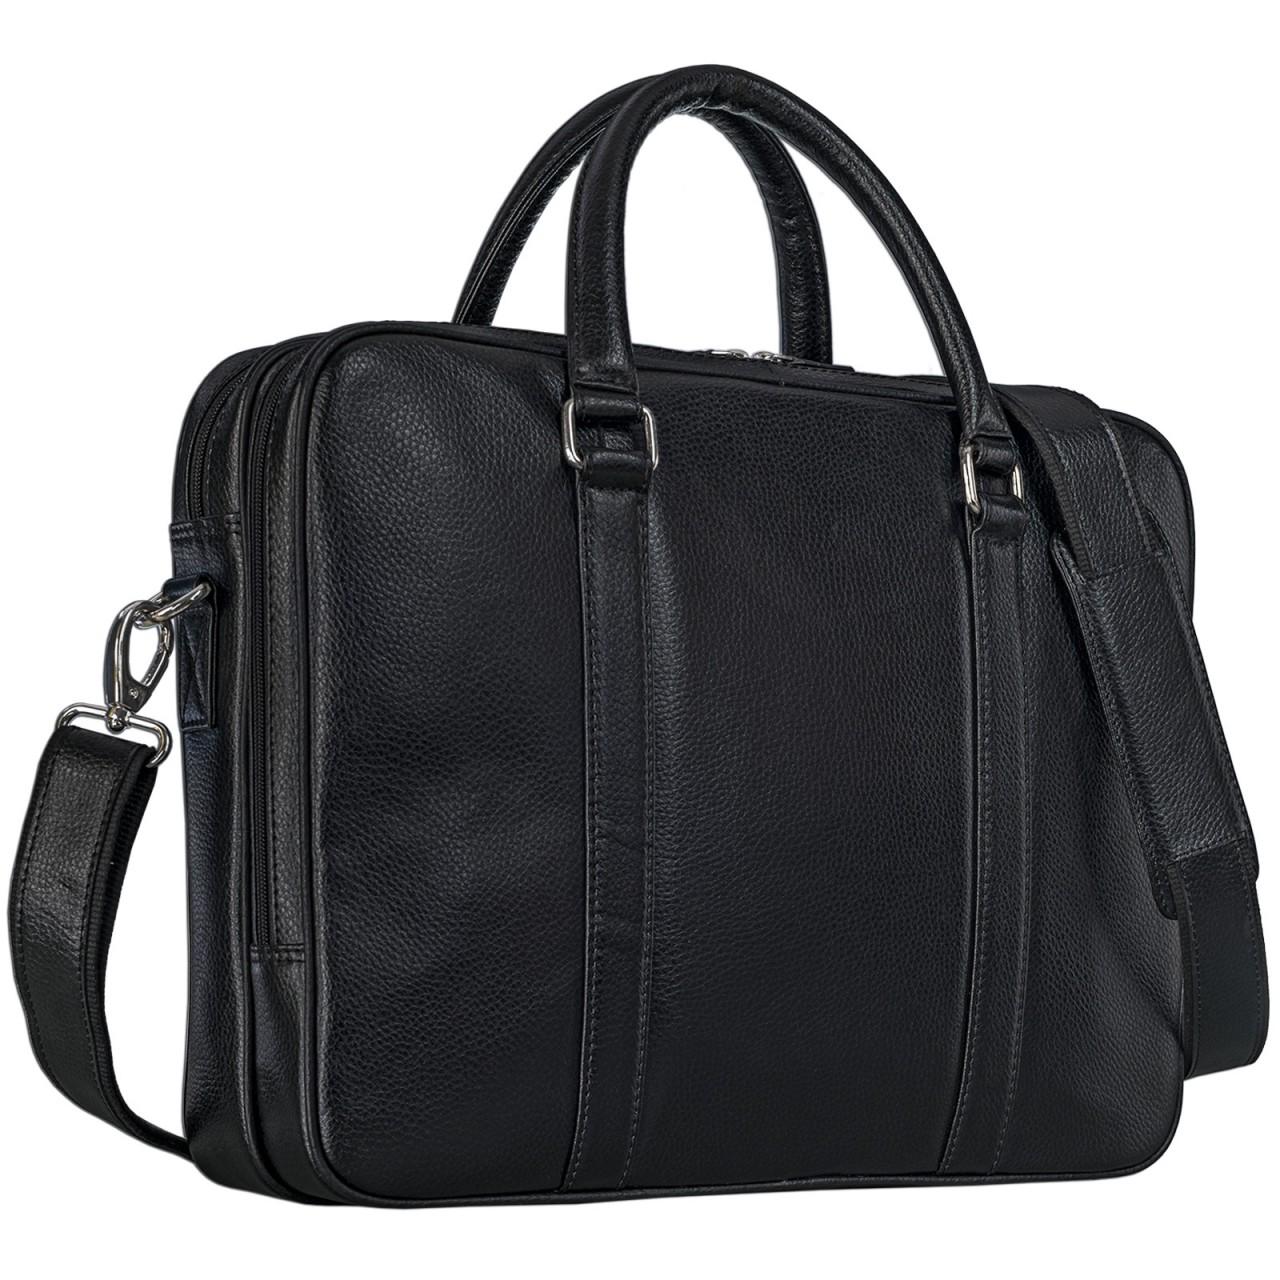 Office Businesstasche für Herren Damen schwarz Leder elegant